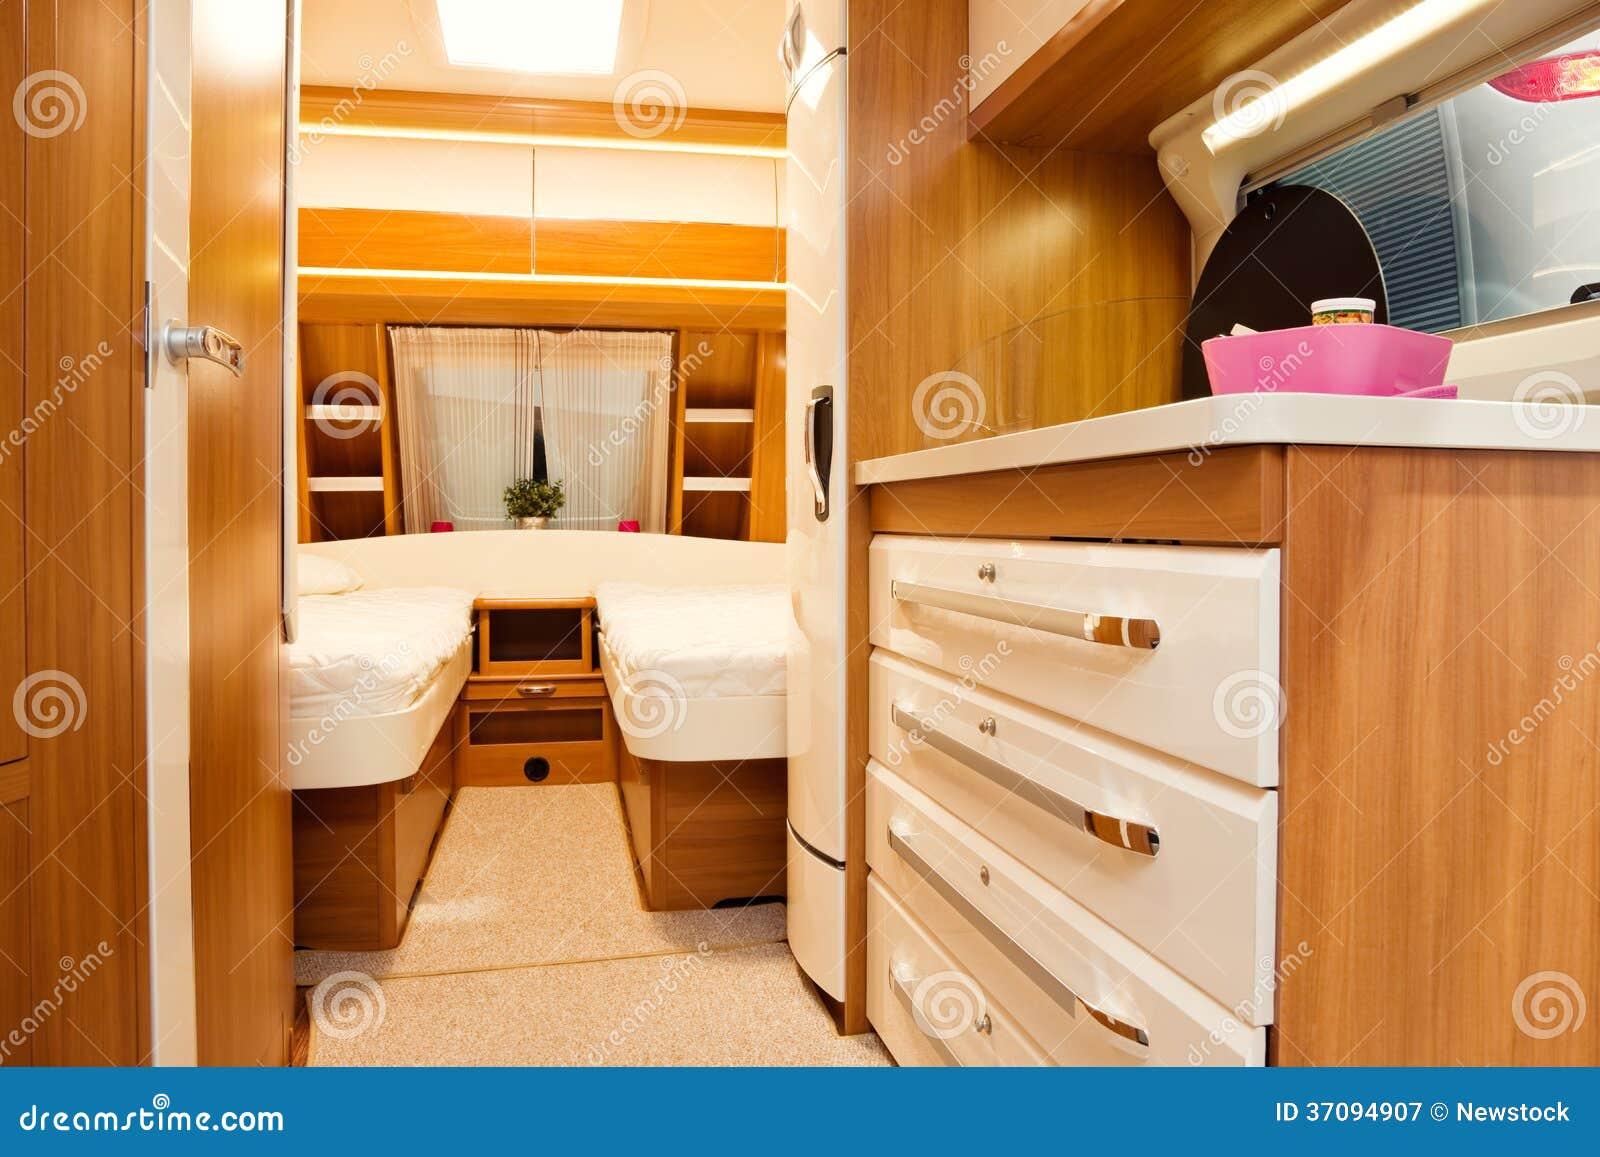 Int rieur de chambre coucher de caravane r sidentielle for Interieur de chambre moderne